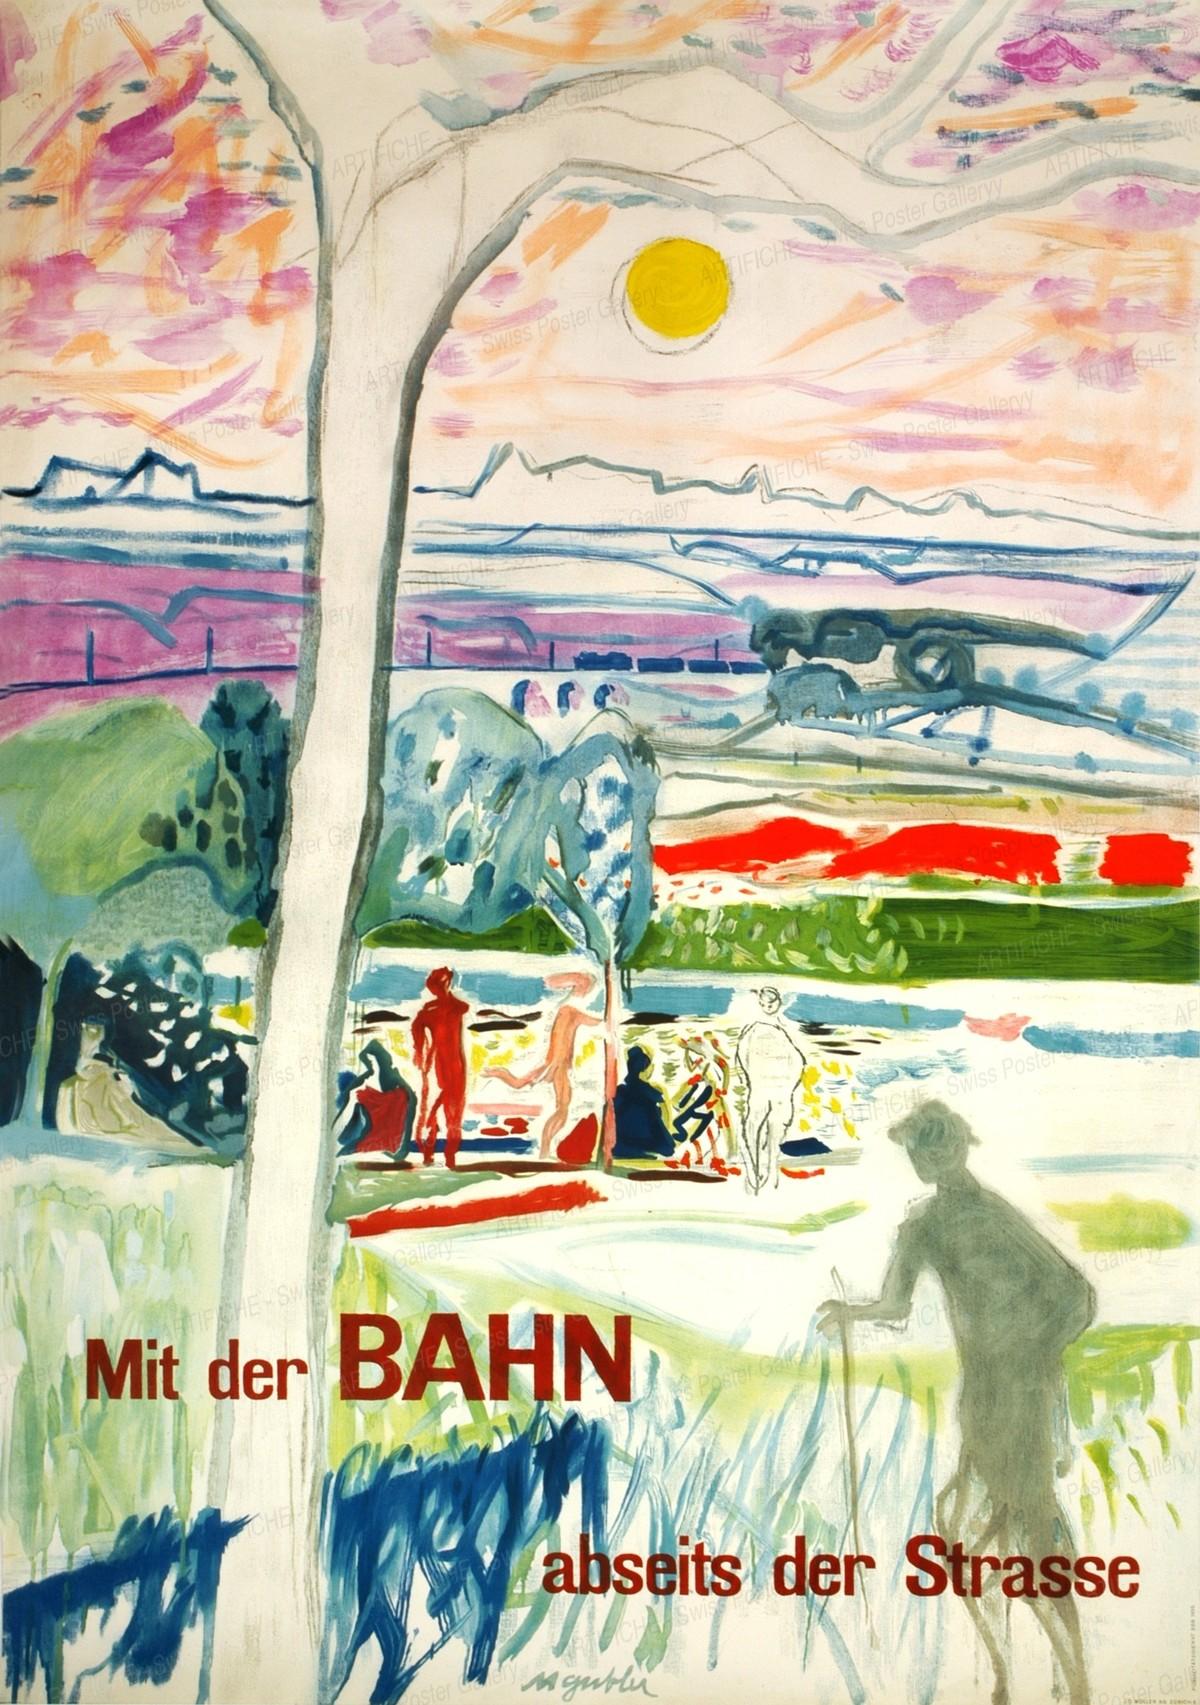 Mit der BAHN – abseits der Strasse, Max Gubler